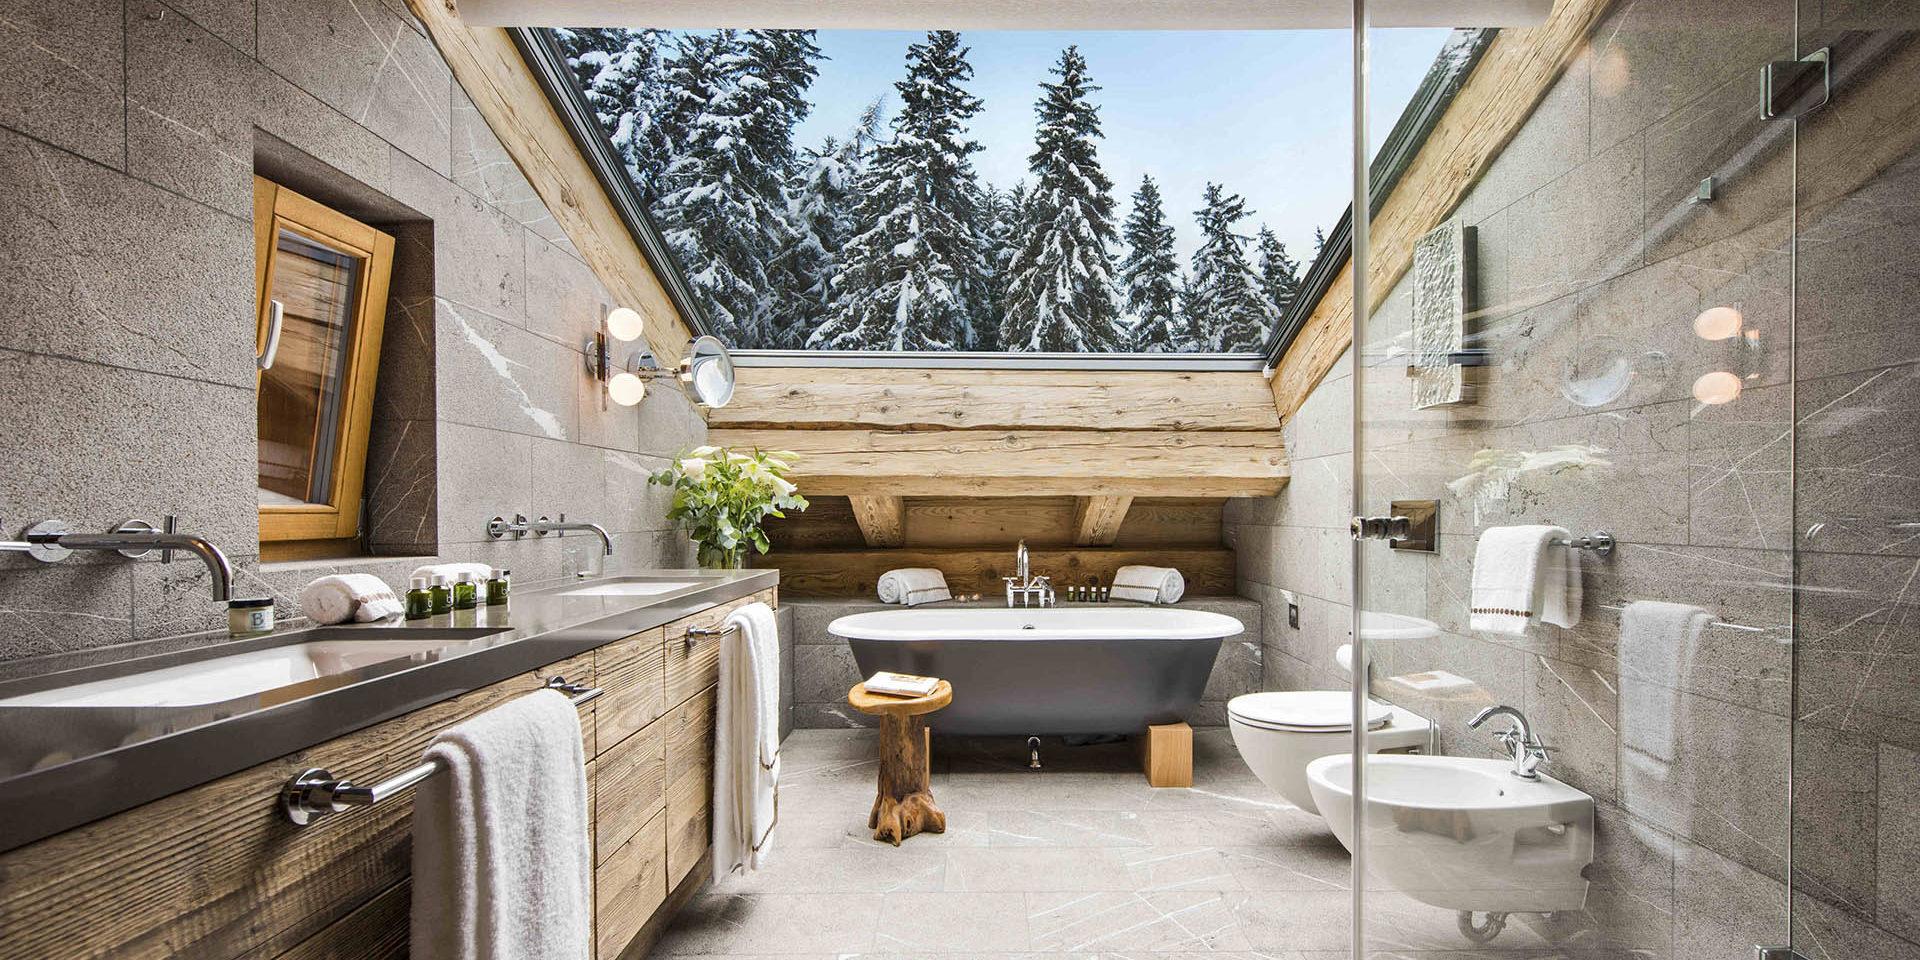 Appartement Place Blanche 2 Verbier Les 4 Vallees Zwitserland wintersport skivakantie luxe badkamer vrijstaand bad dubbele wasbak dakraam besneeuwde bomen